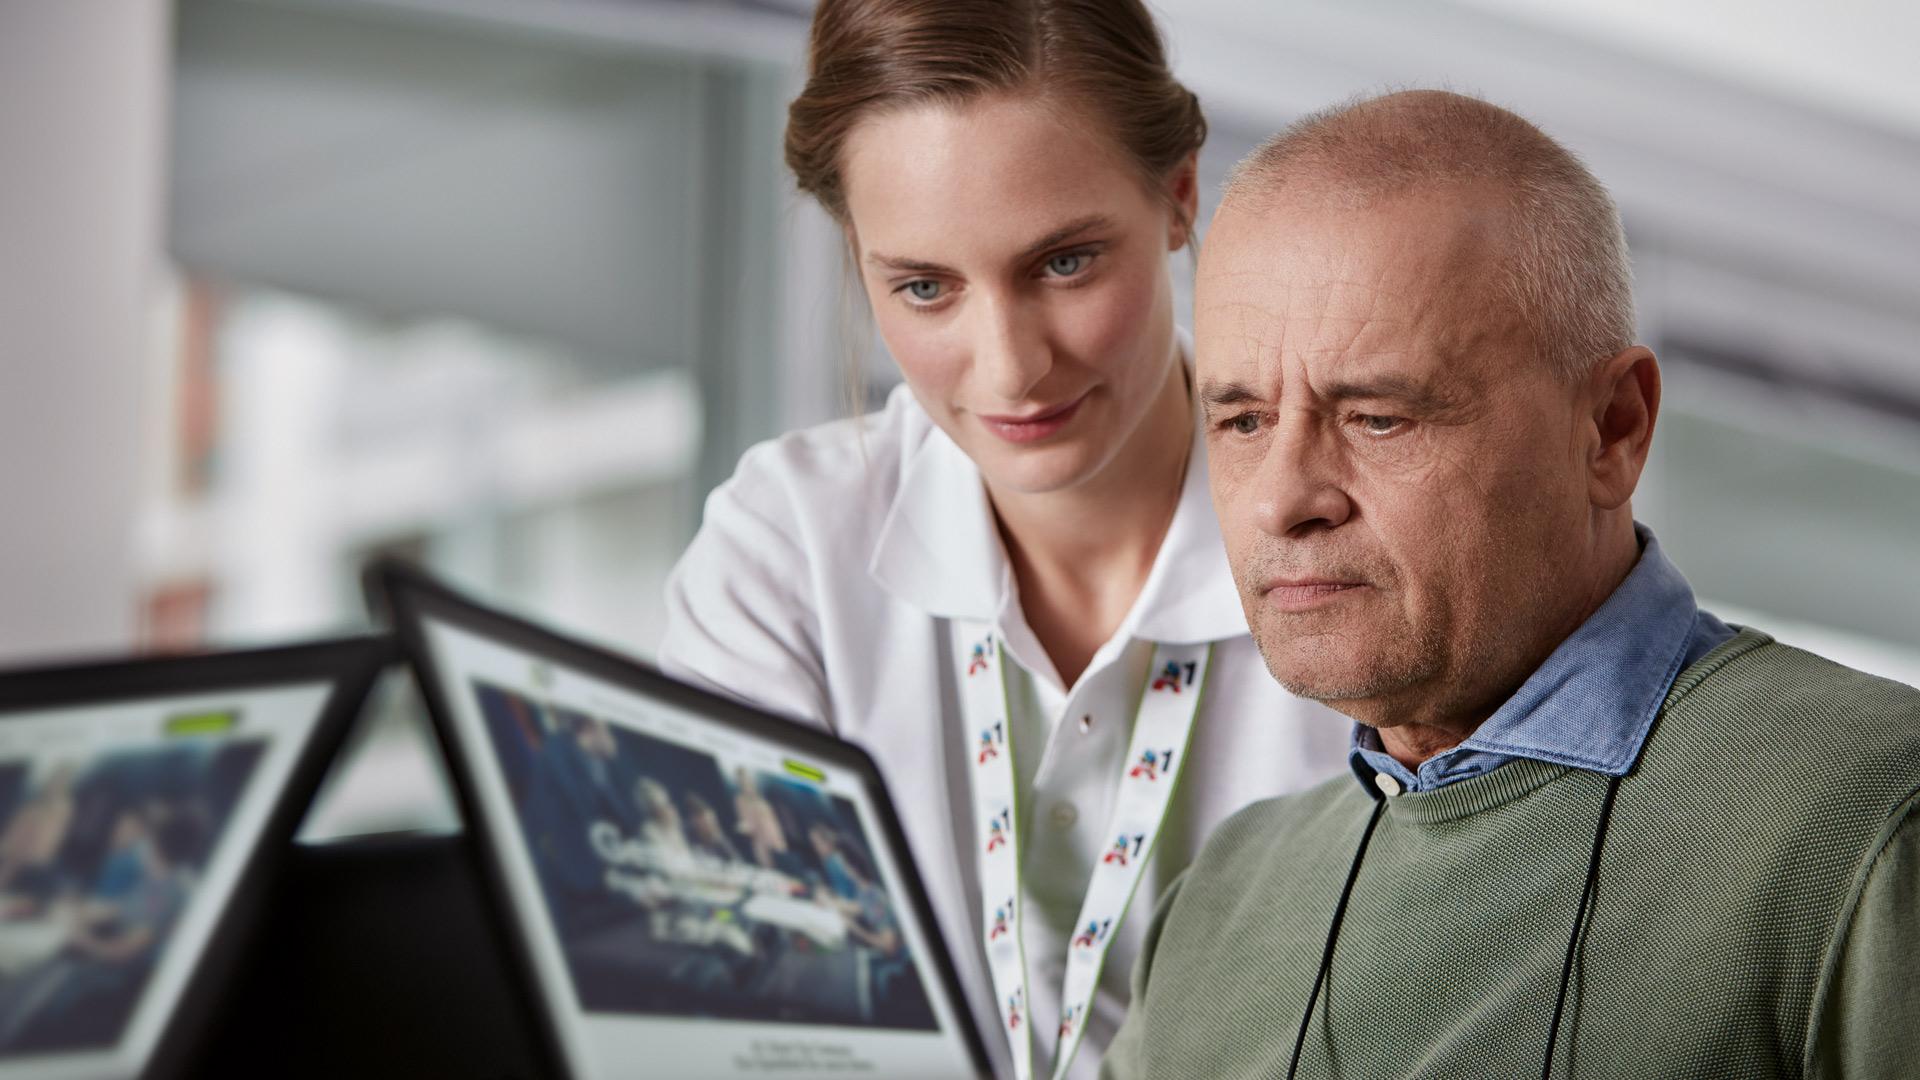 eine A1 Mitarbeiterin sieht einem älteren Herren über die Schulter; im Vordergrund sieht man verschwommen 2 kleine Bildschirme